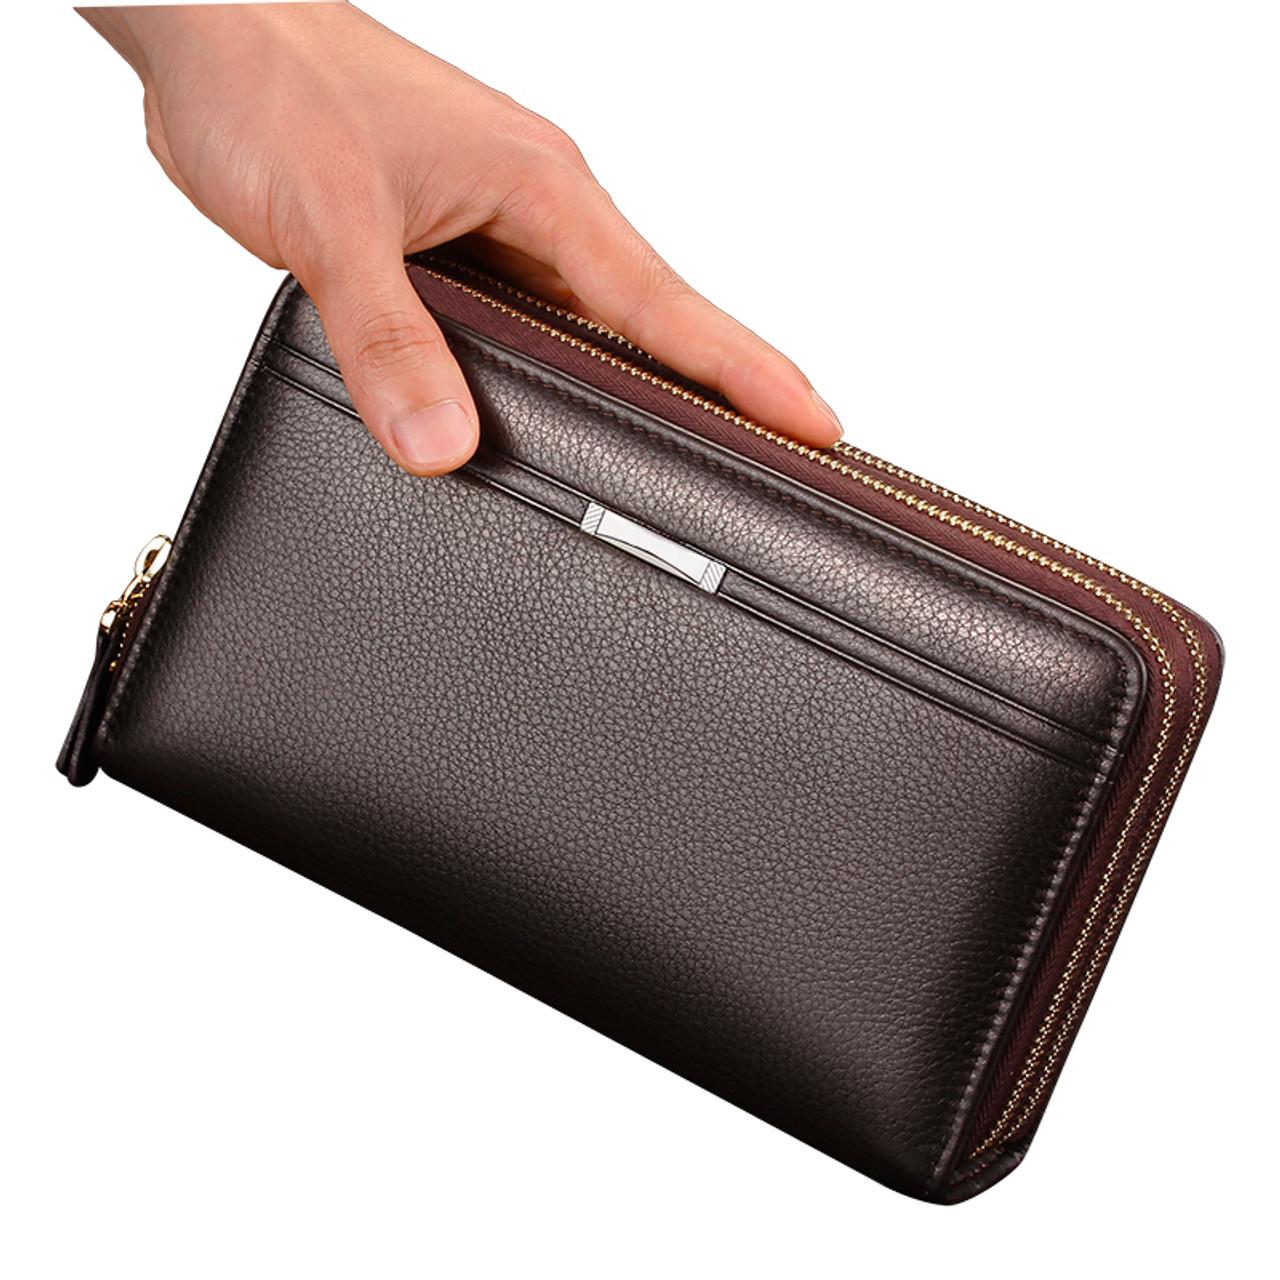 8c41a6b1d ... FEIDIKABOLO Double Zipper Men Clutch Bags PU Men's Leather Wallet Men  Handy Bag Male Long Wallets ...